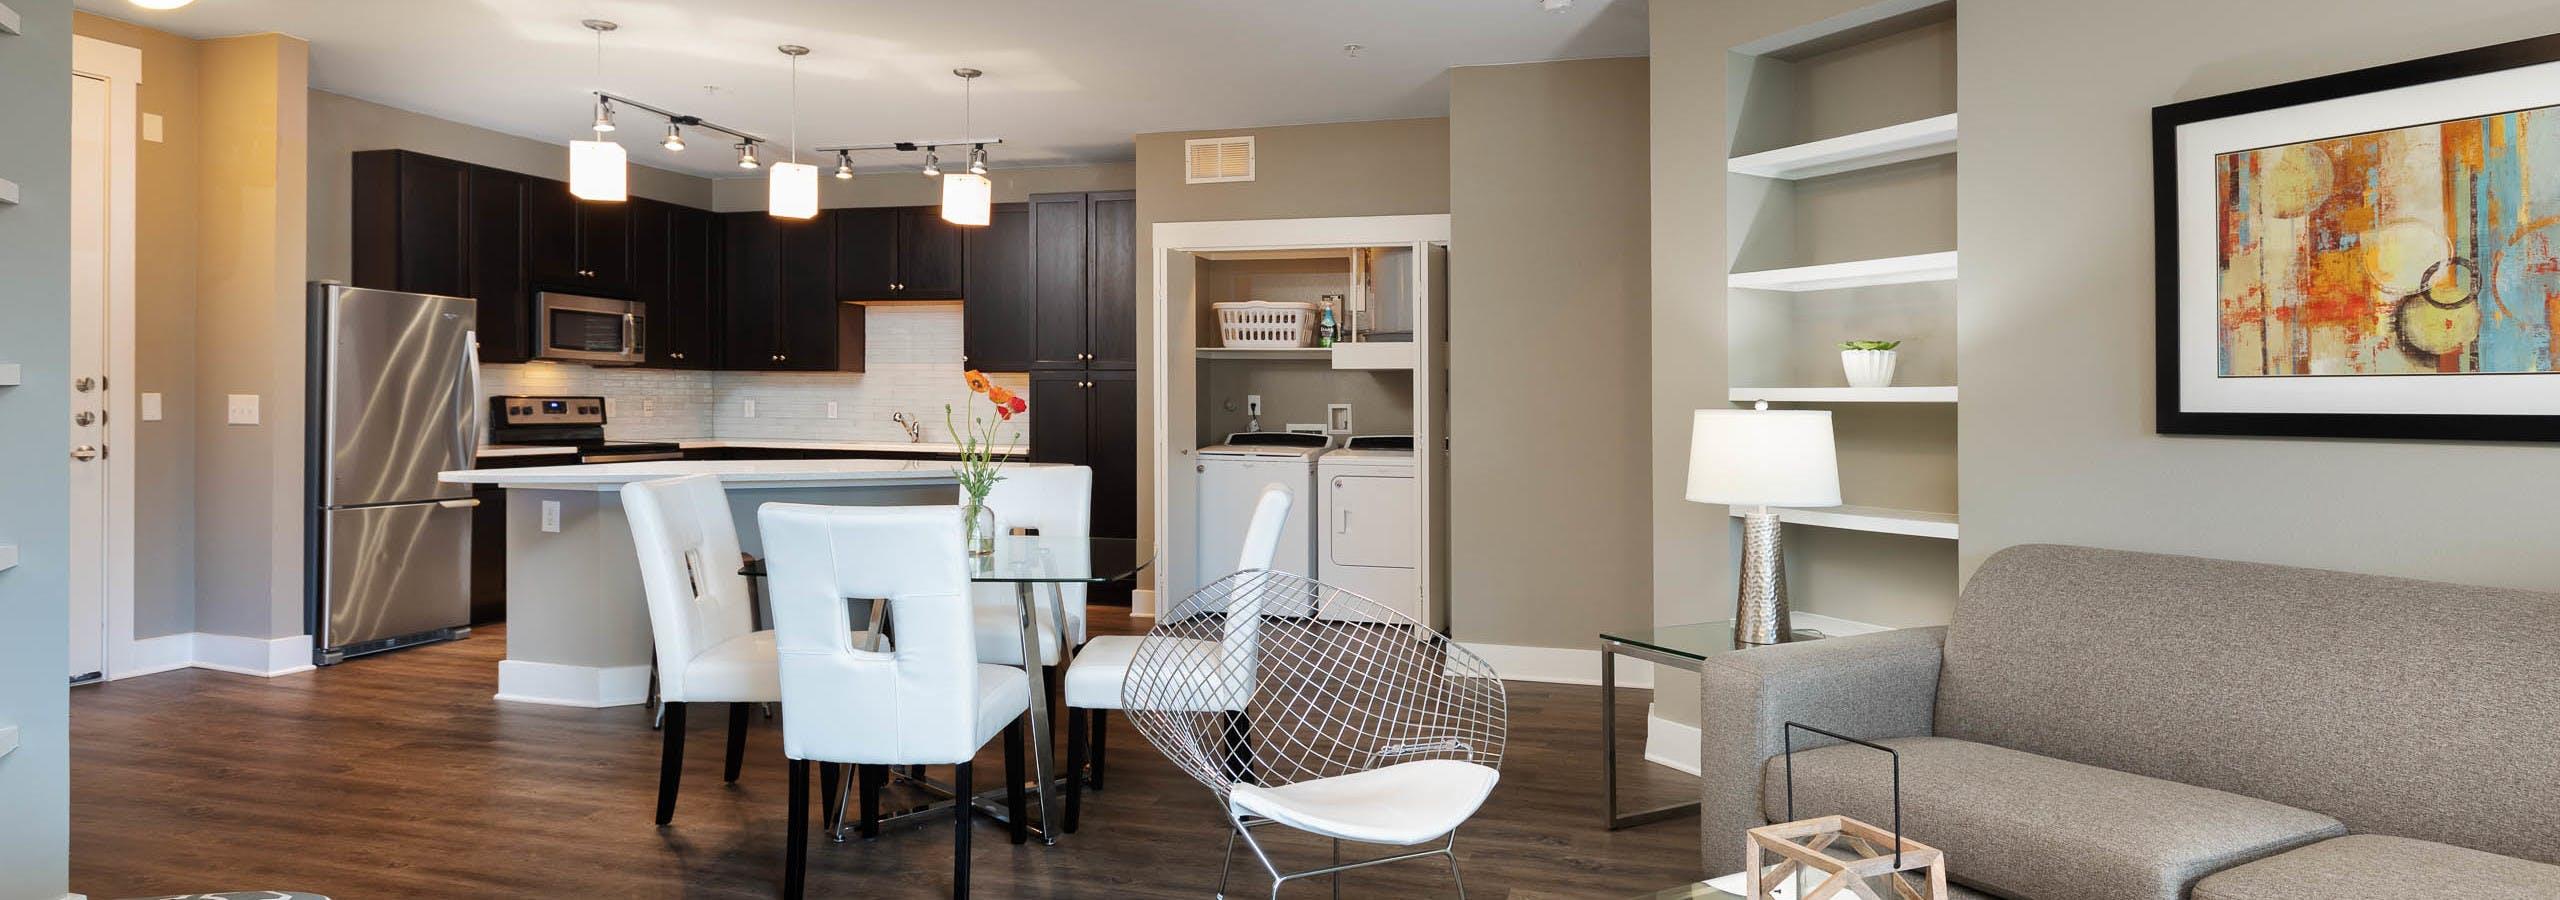 Dining & living room witrh built-in shelves